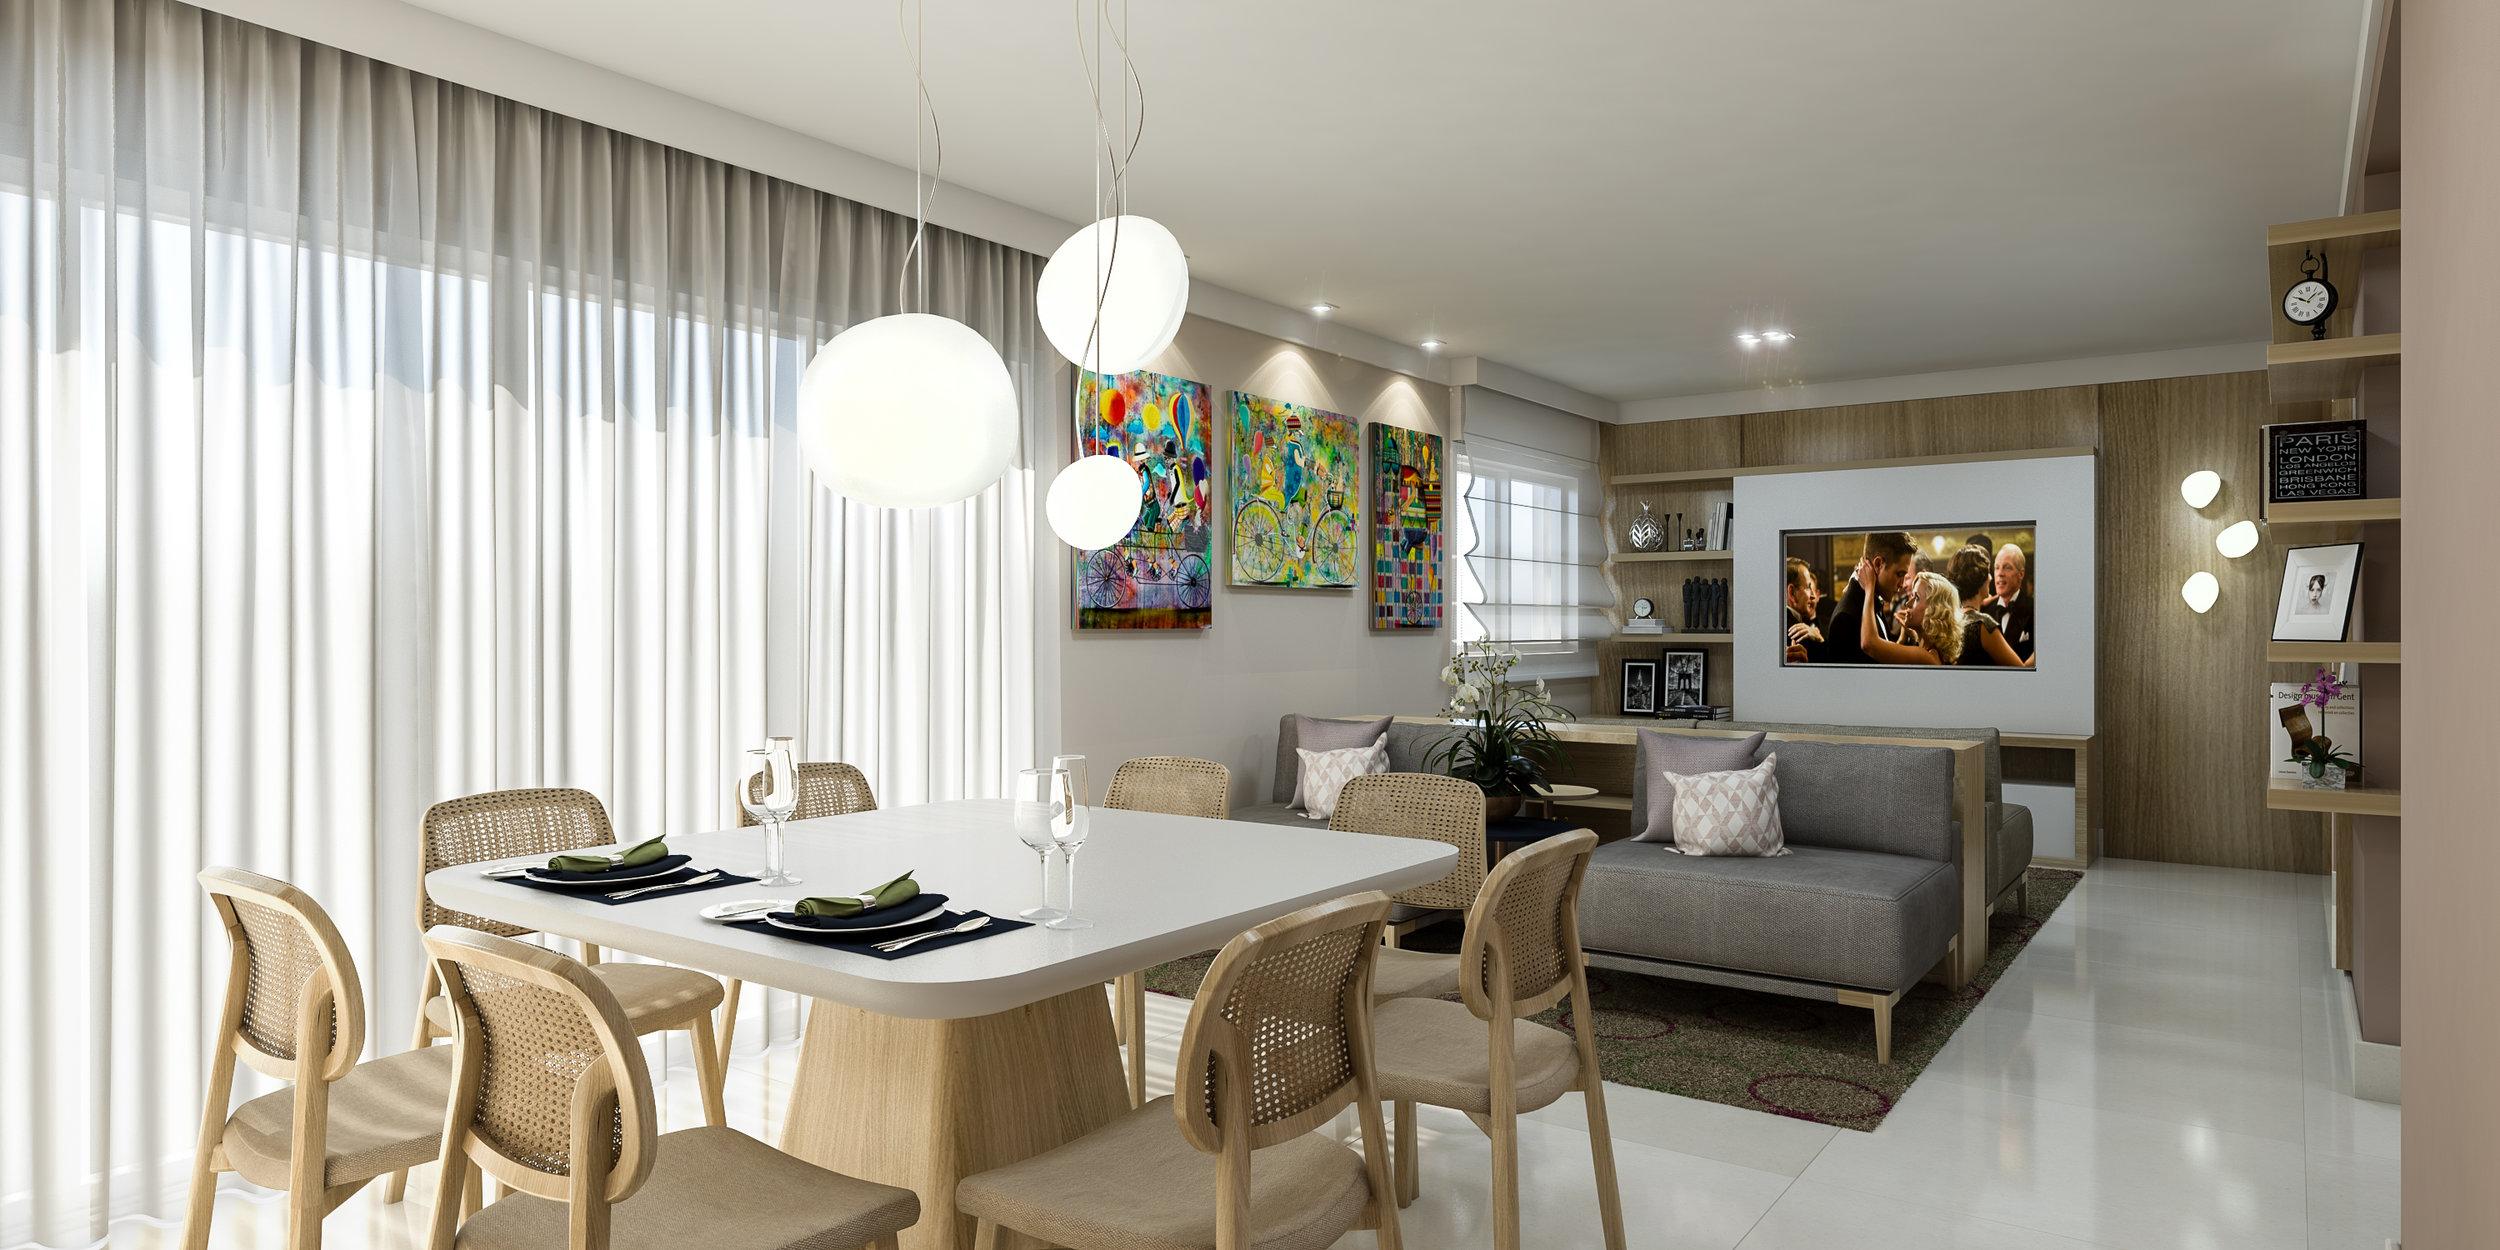 Living  Apto Aguapeí - Jardim Analia Franco - 160 m2  Projeto e Gerenciamento da Obra: Madi Arquitetura & Design  Imagem: Érica Alfieri